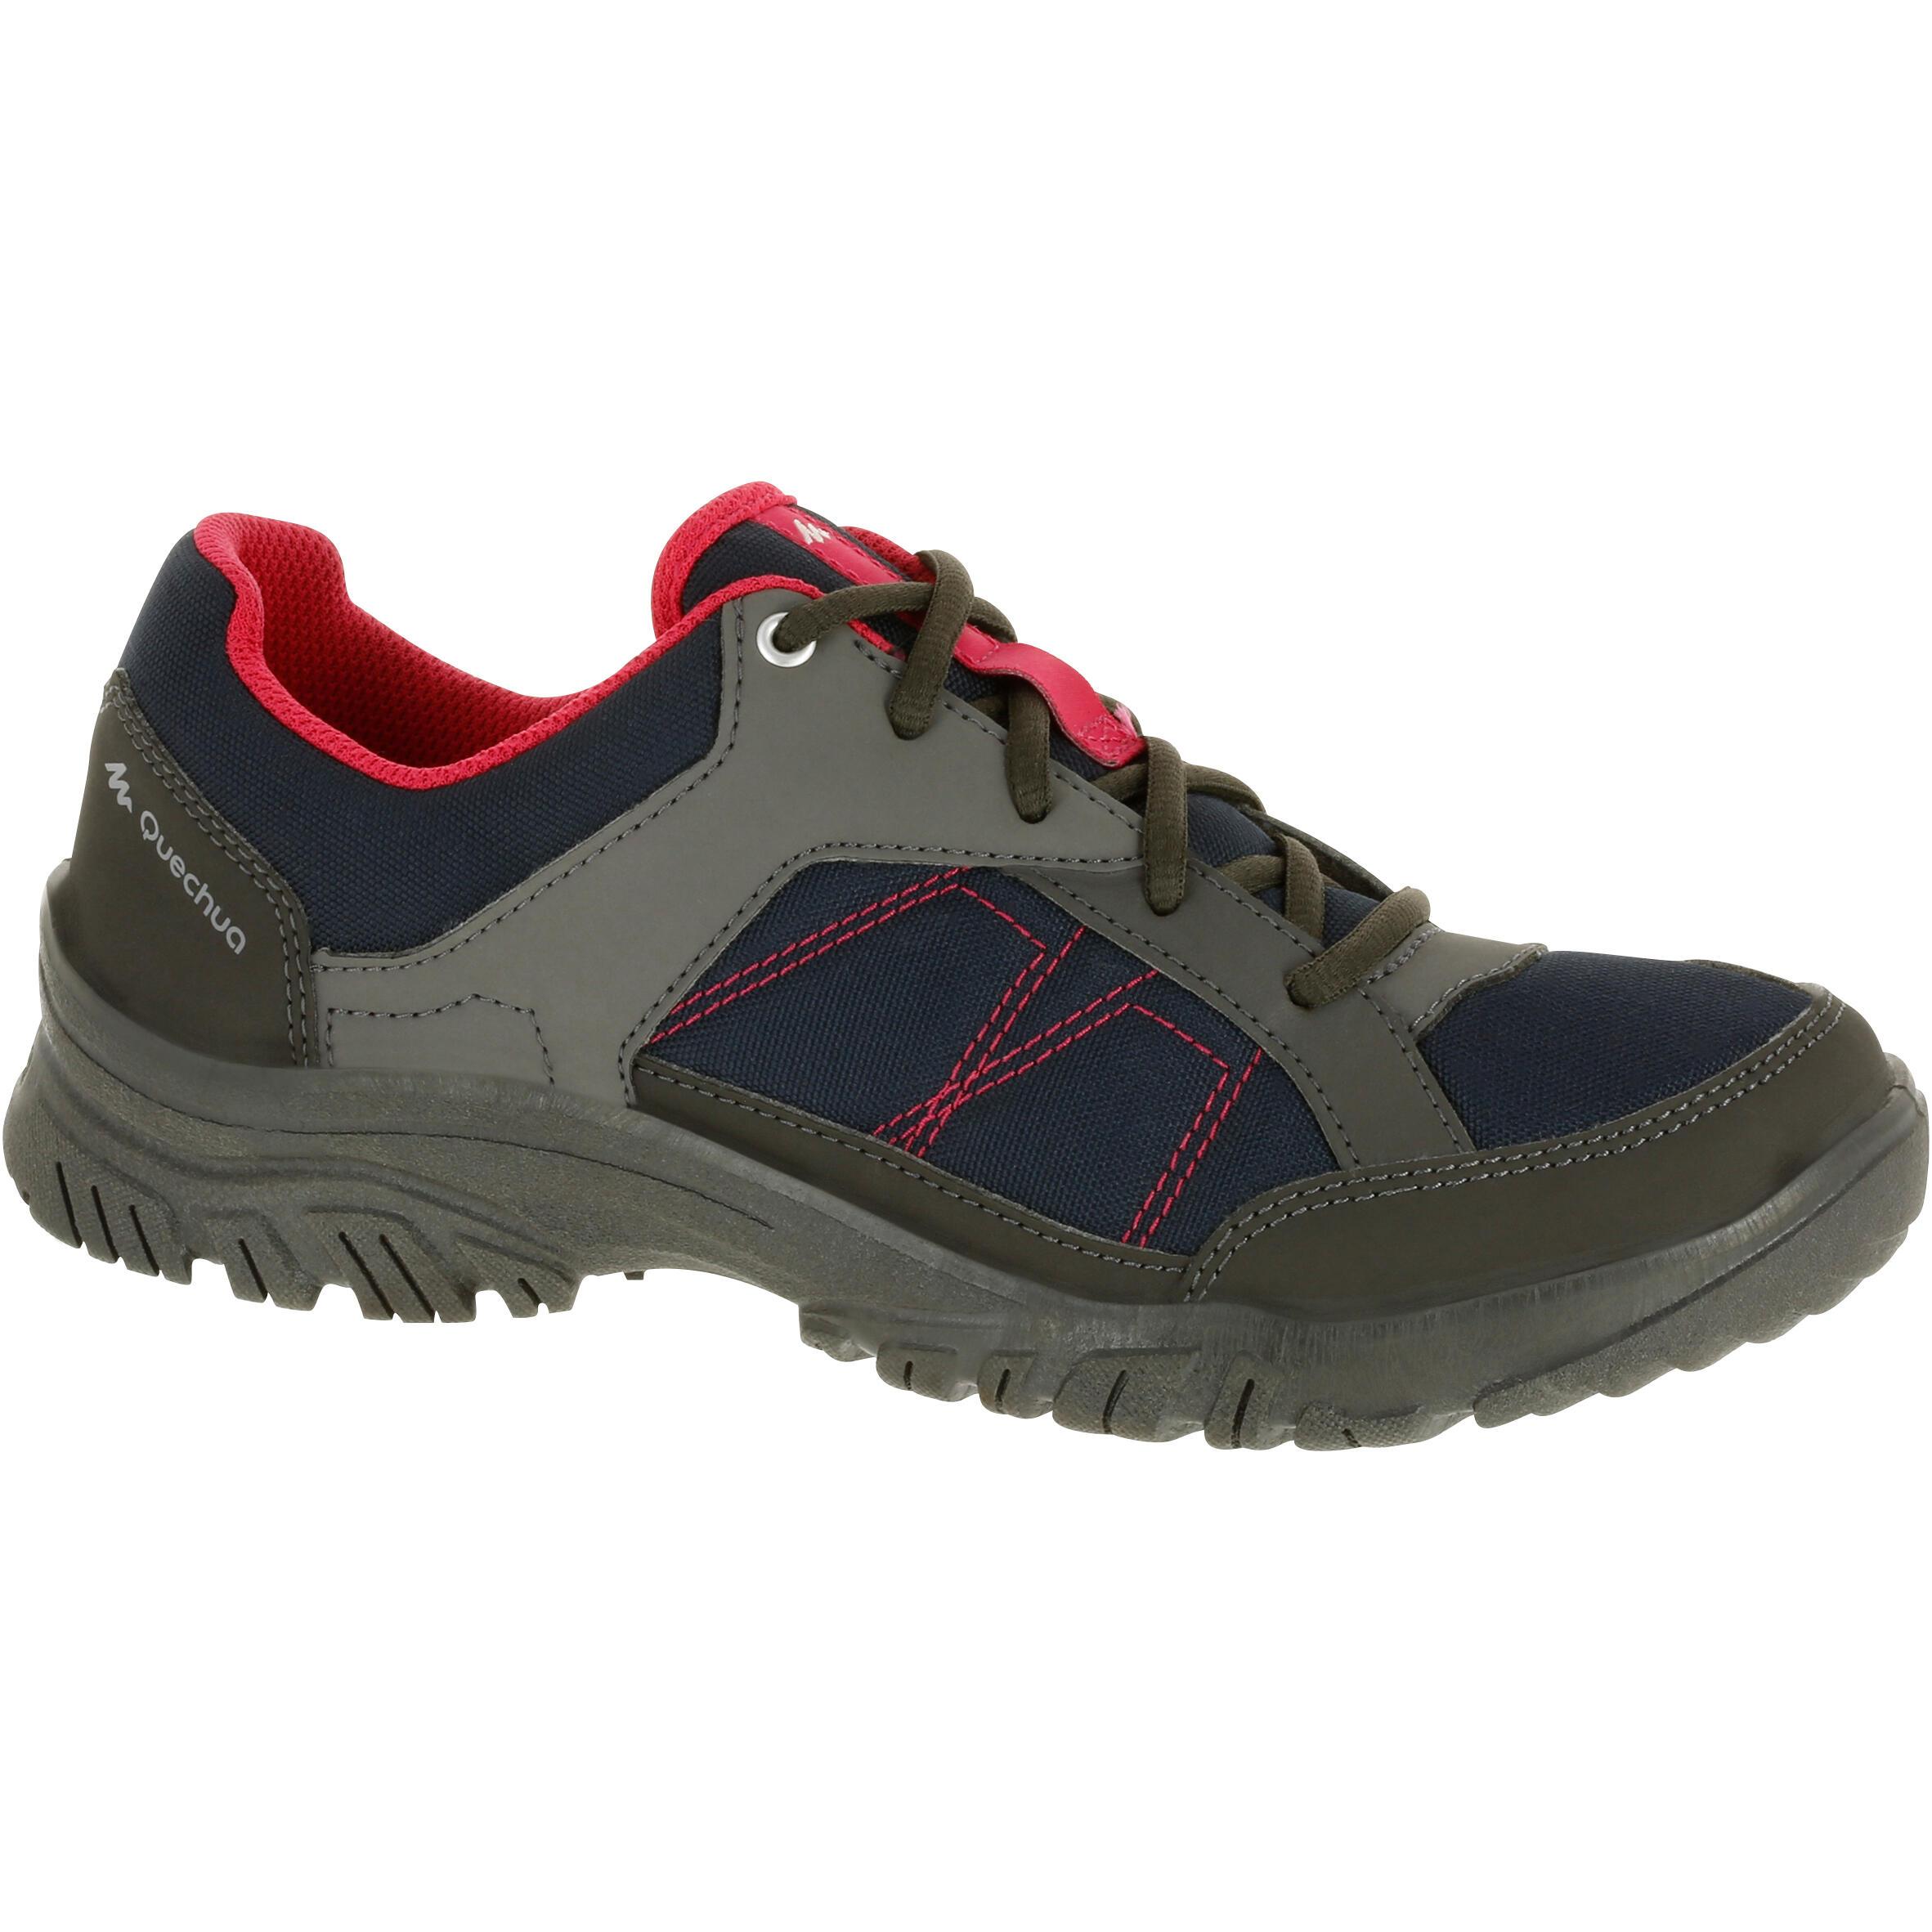 c1d82659 Comprar Zapatillas Deportivas de Mujer Online | Decathlon